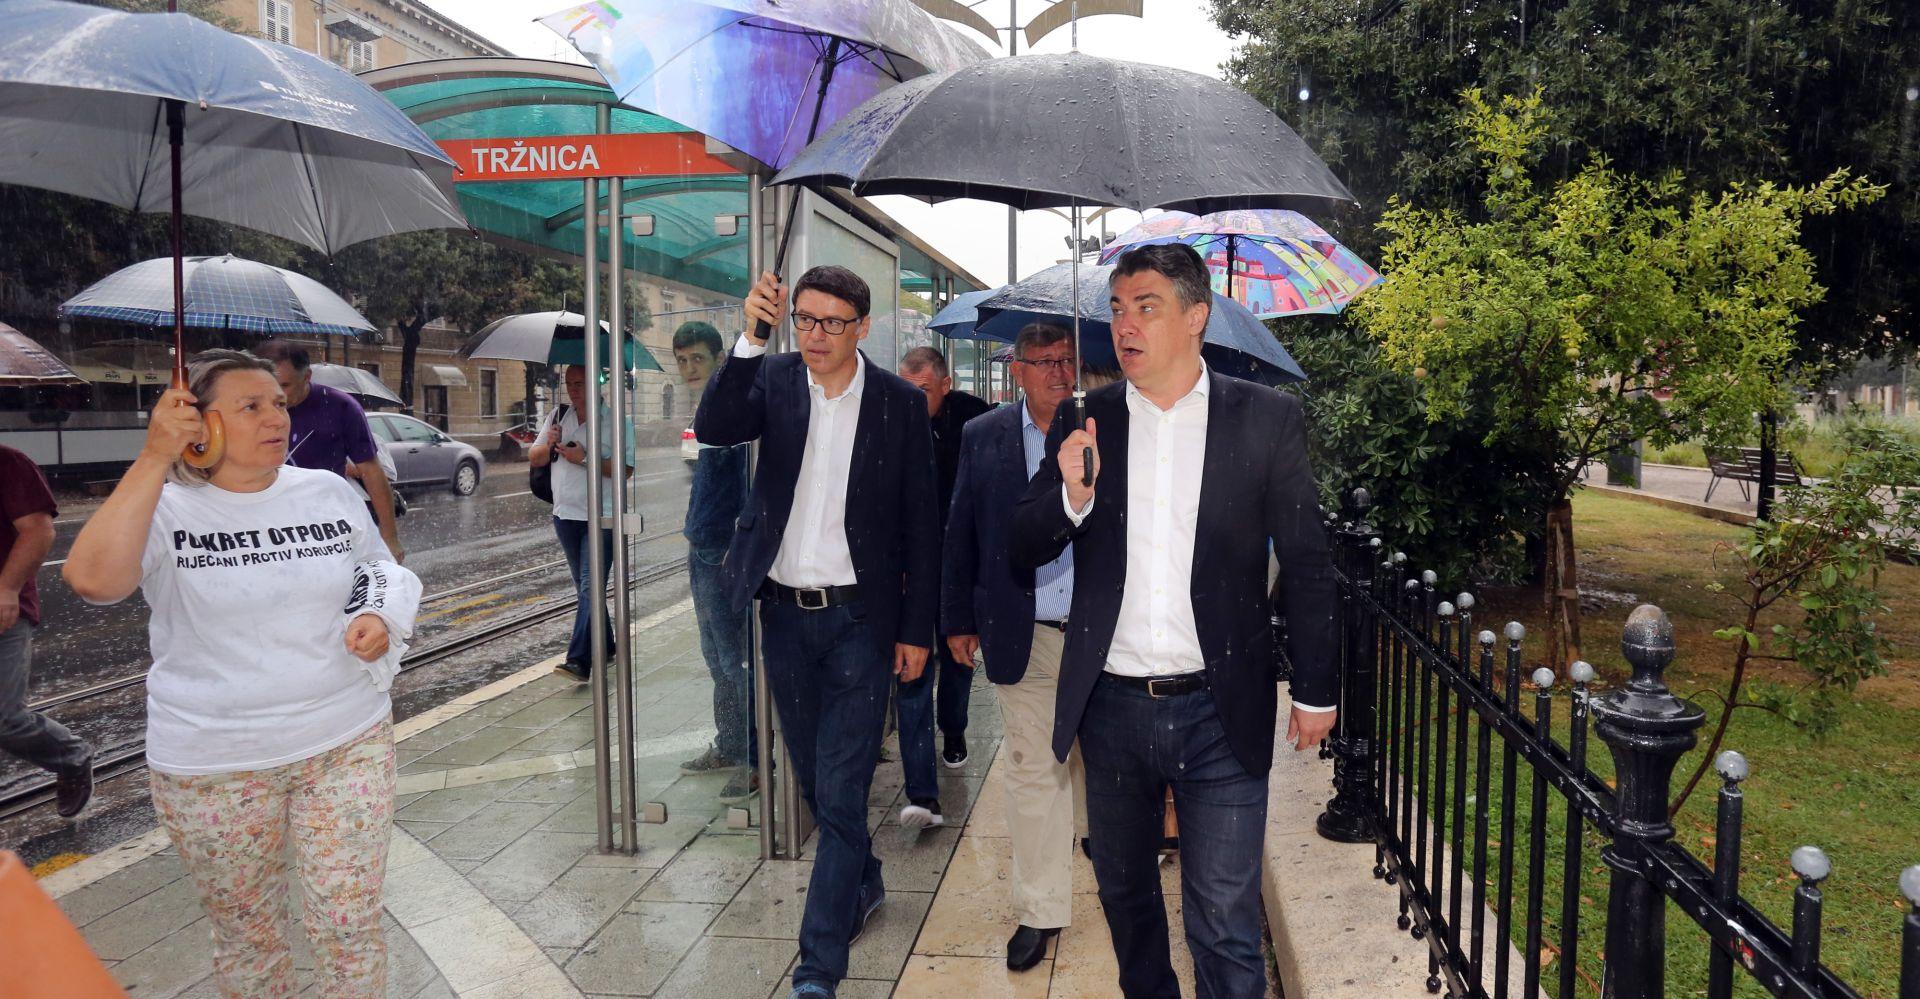 NARODNA KOALICIJA U RIJECI Aktivist 'Pokreta otpora' nasrnuo na Jovanovića